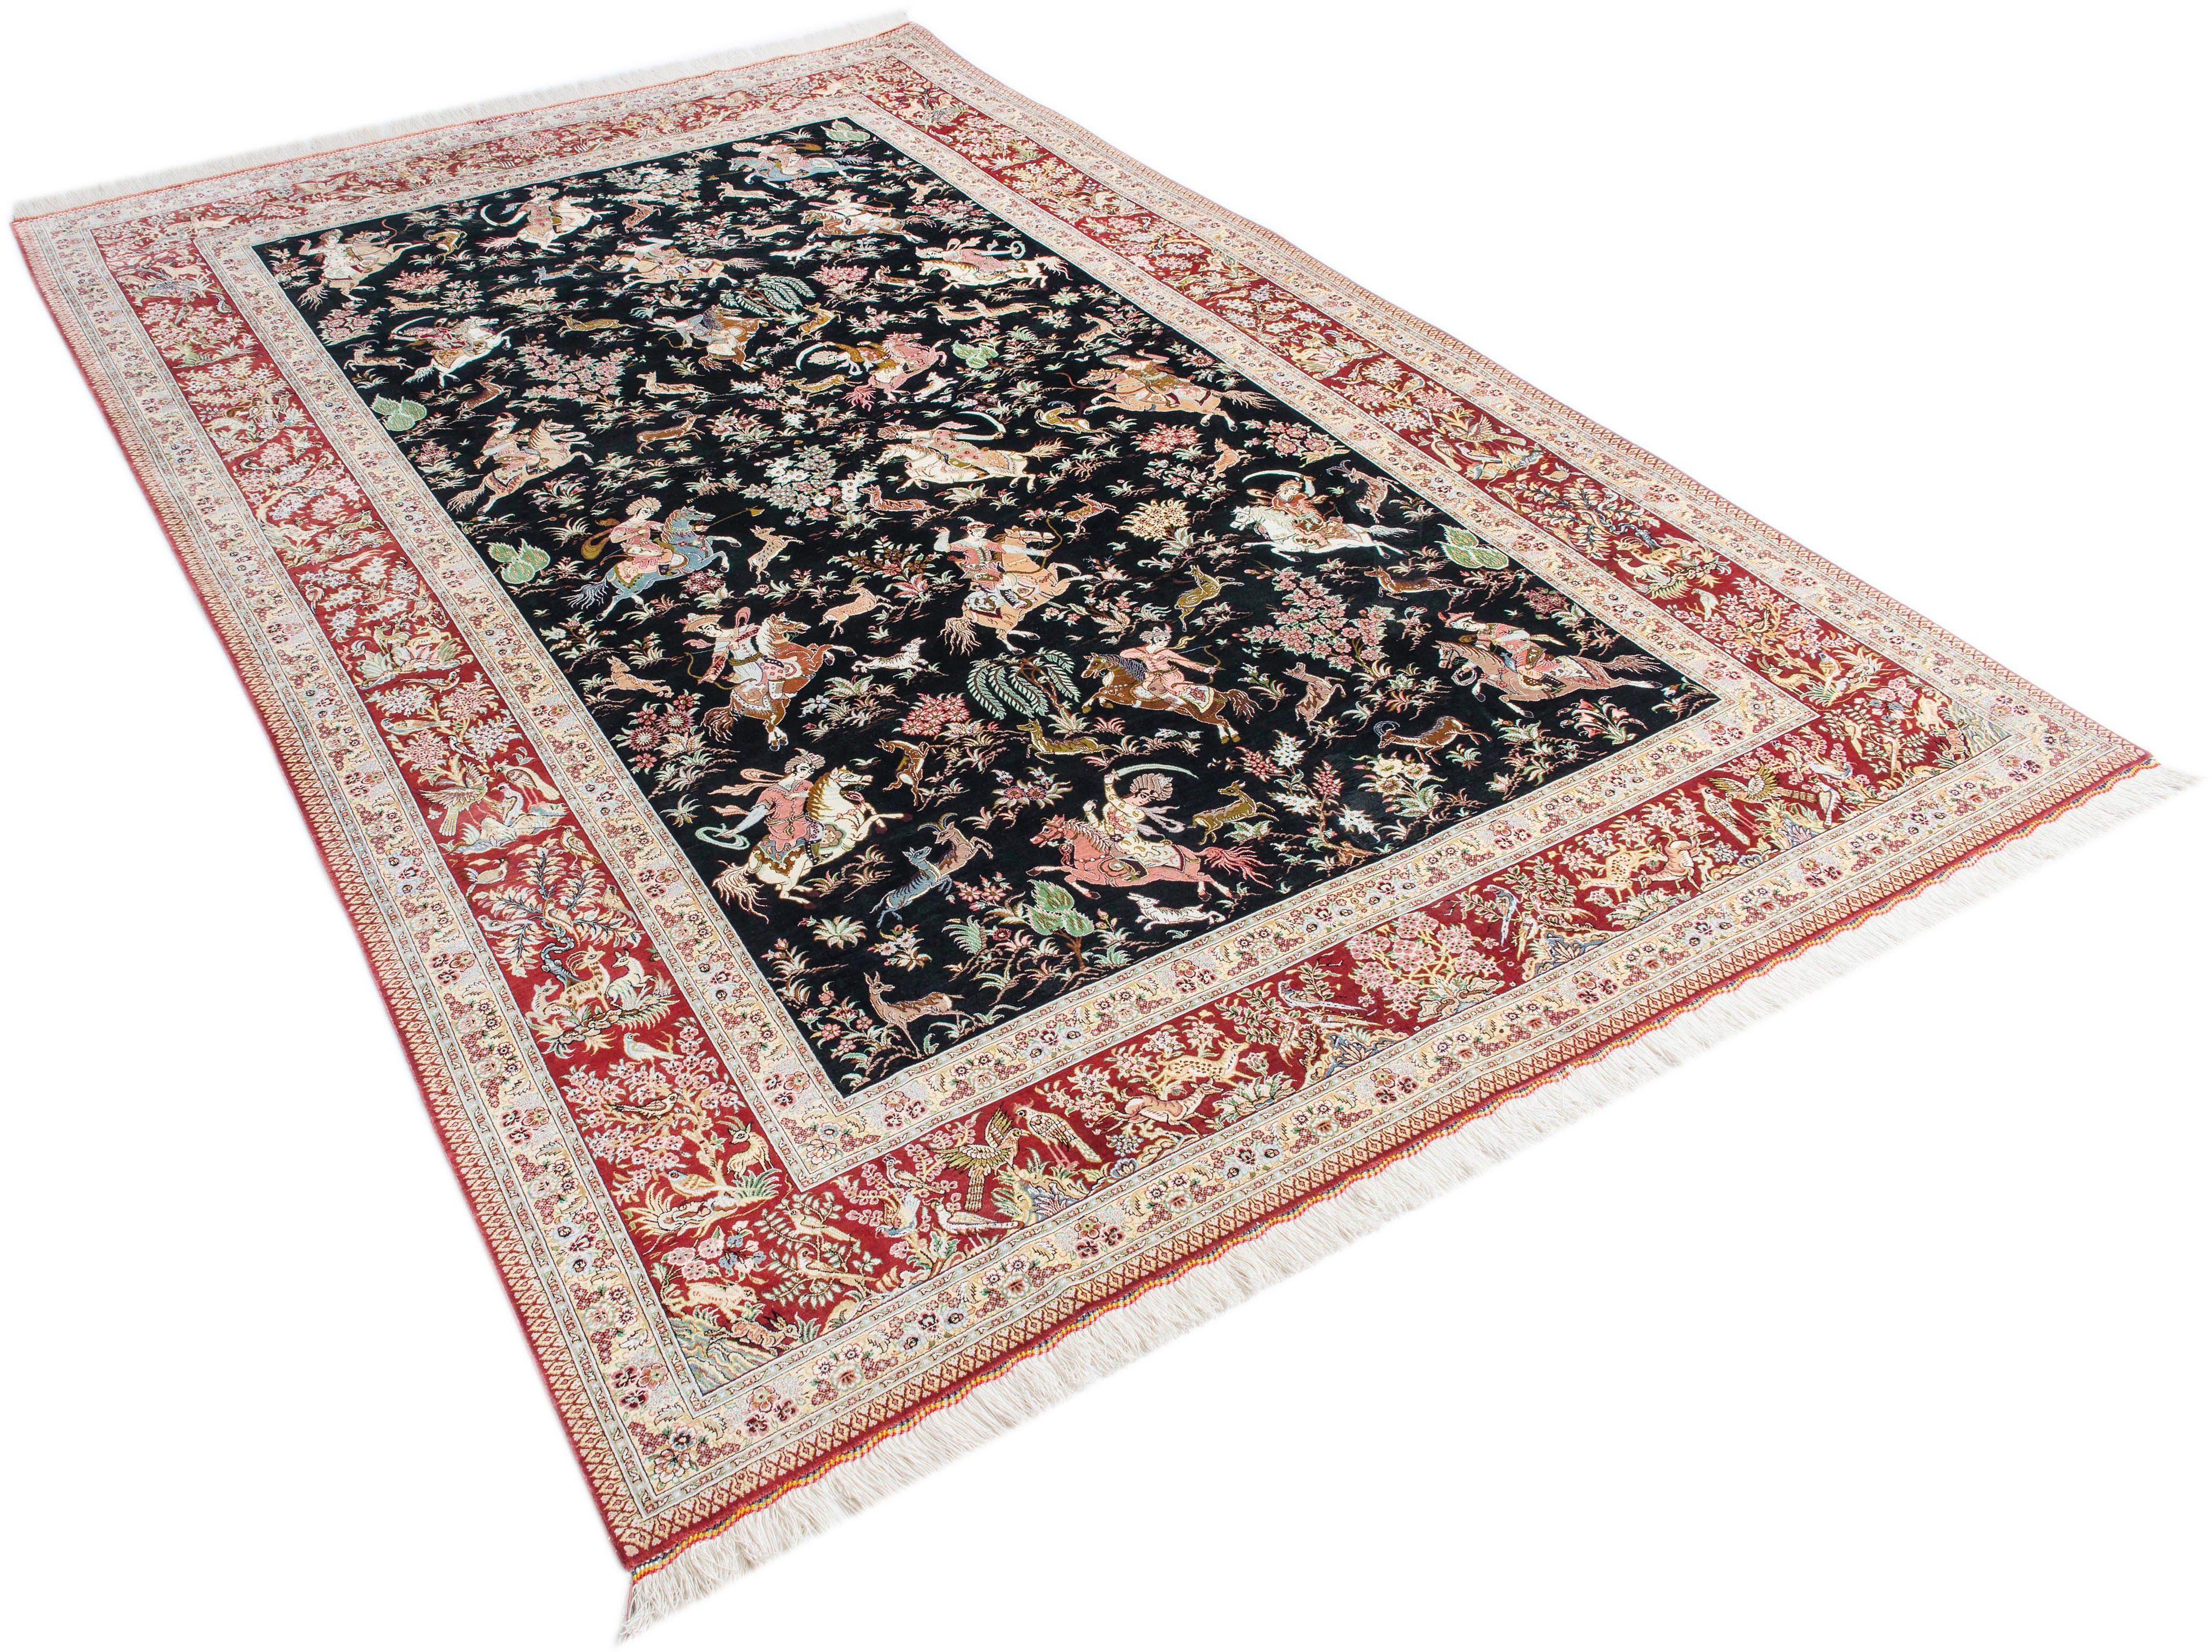 Orientteppich »Ghom Seide«, Parwis, rechteckig, Höhe 15 mm, echt Seide, 1.000.000 Knoten/m², von Hand geknüpft